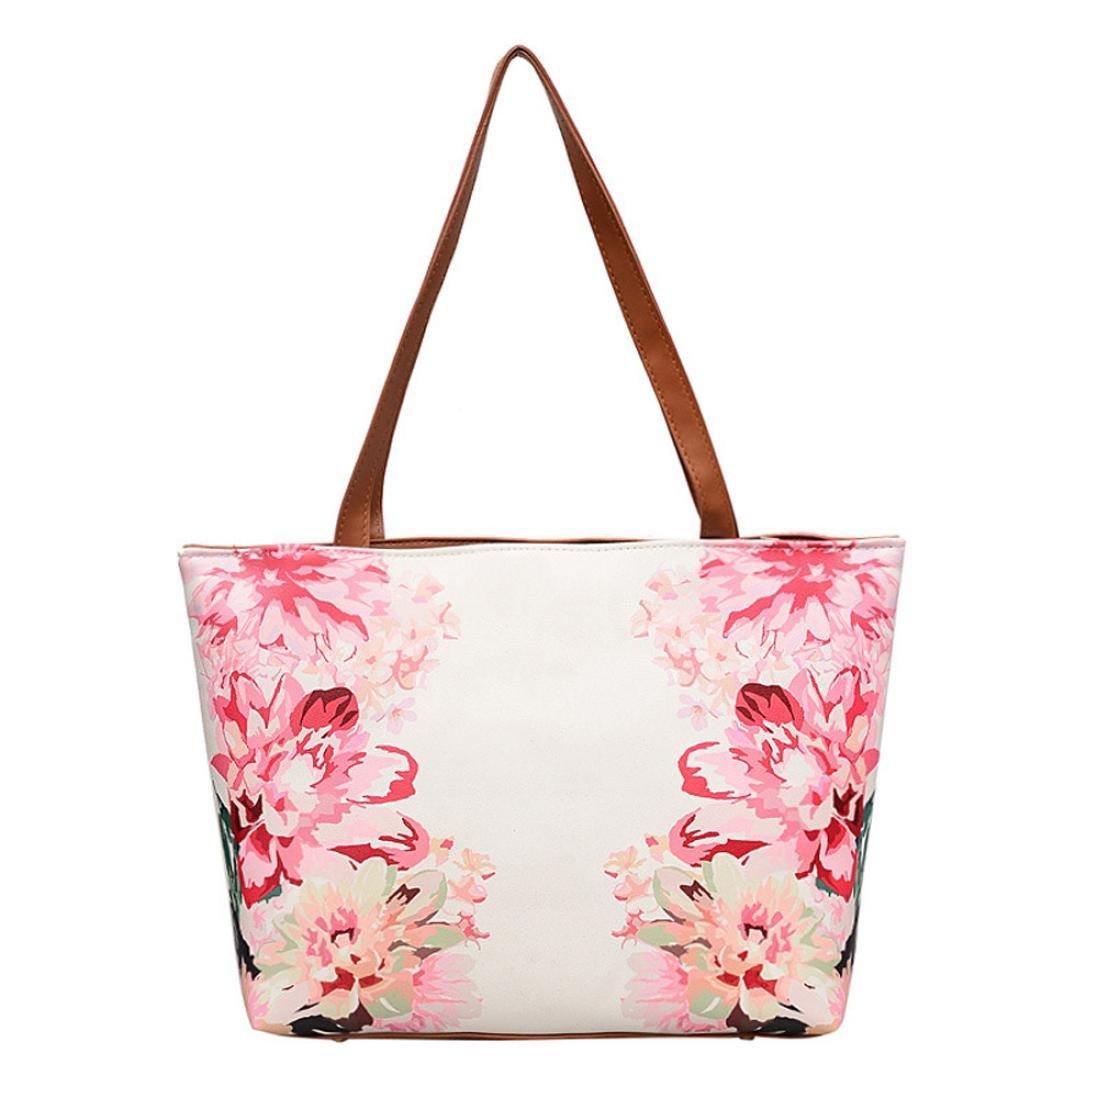 Owill Women Ladies Leather Vintage Flower Painting Bag Shoulder Bag Handbag Shopping Bag (Hot Pink)